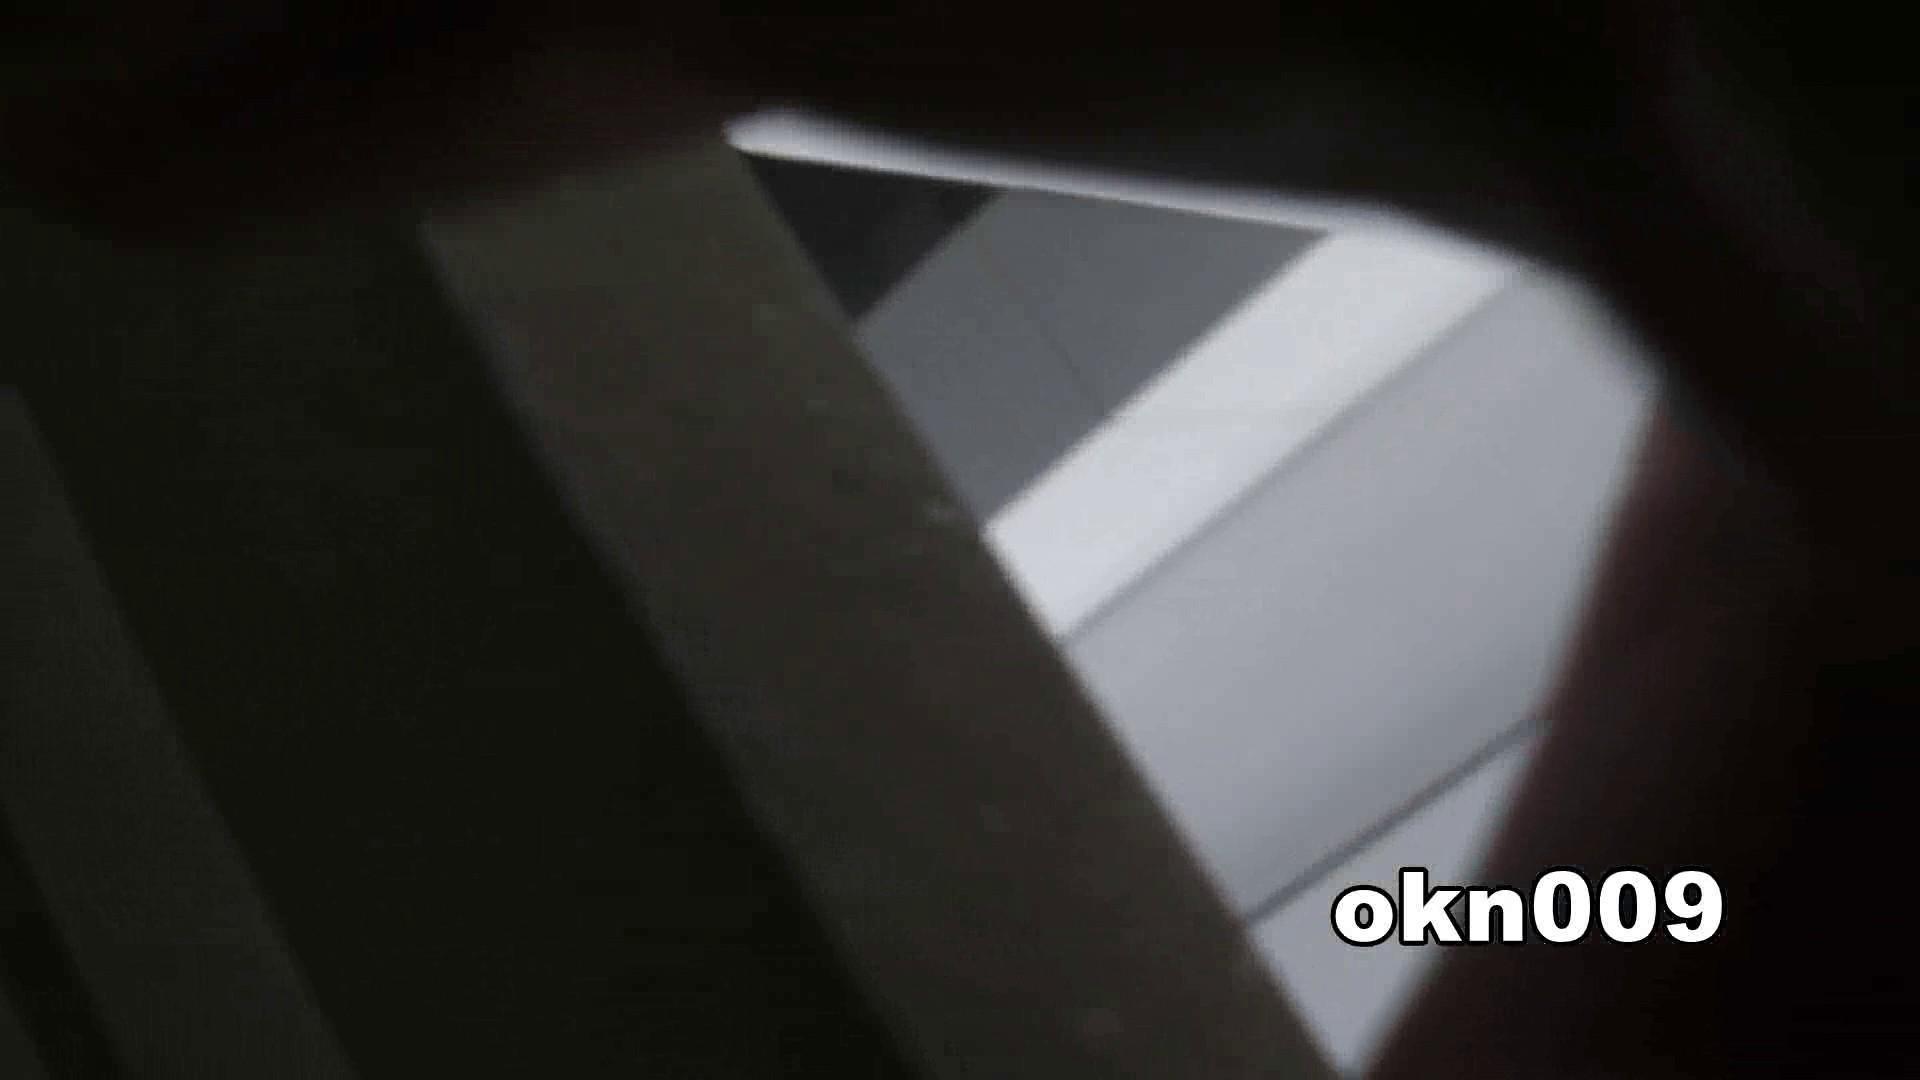 下からノゾム vol.009 リキンでモリアガった割にヒョロ 盛合せ 濡れ場動画紹介 109画像 26